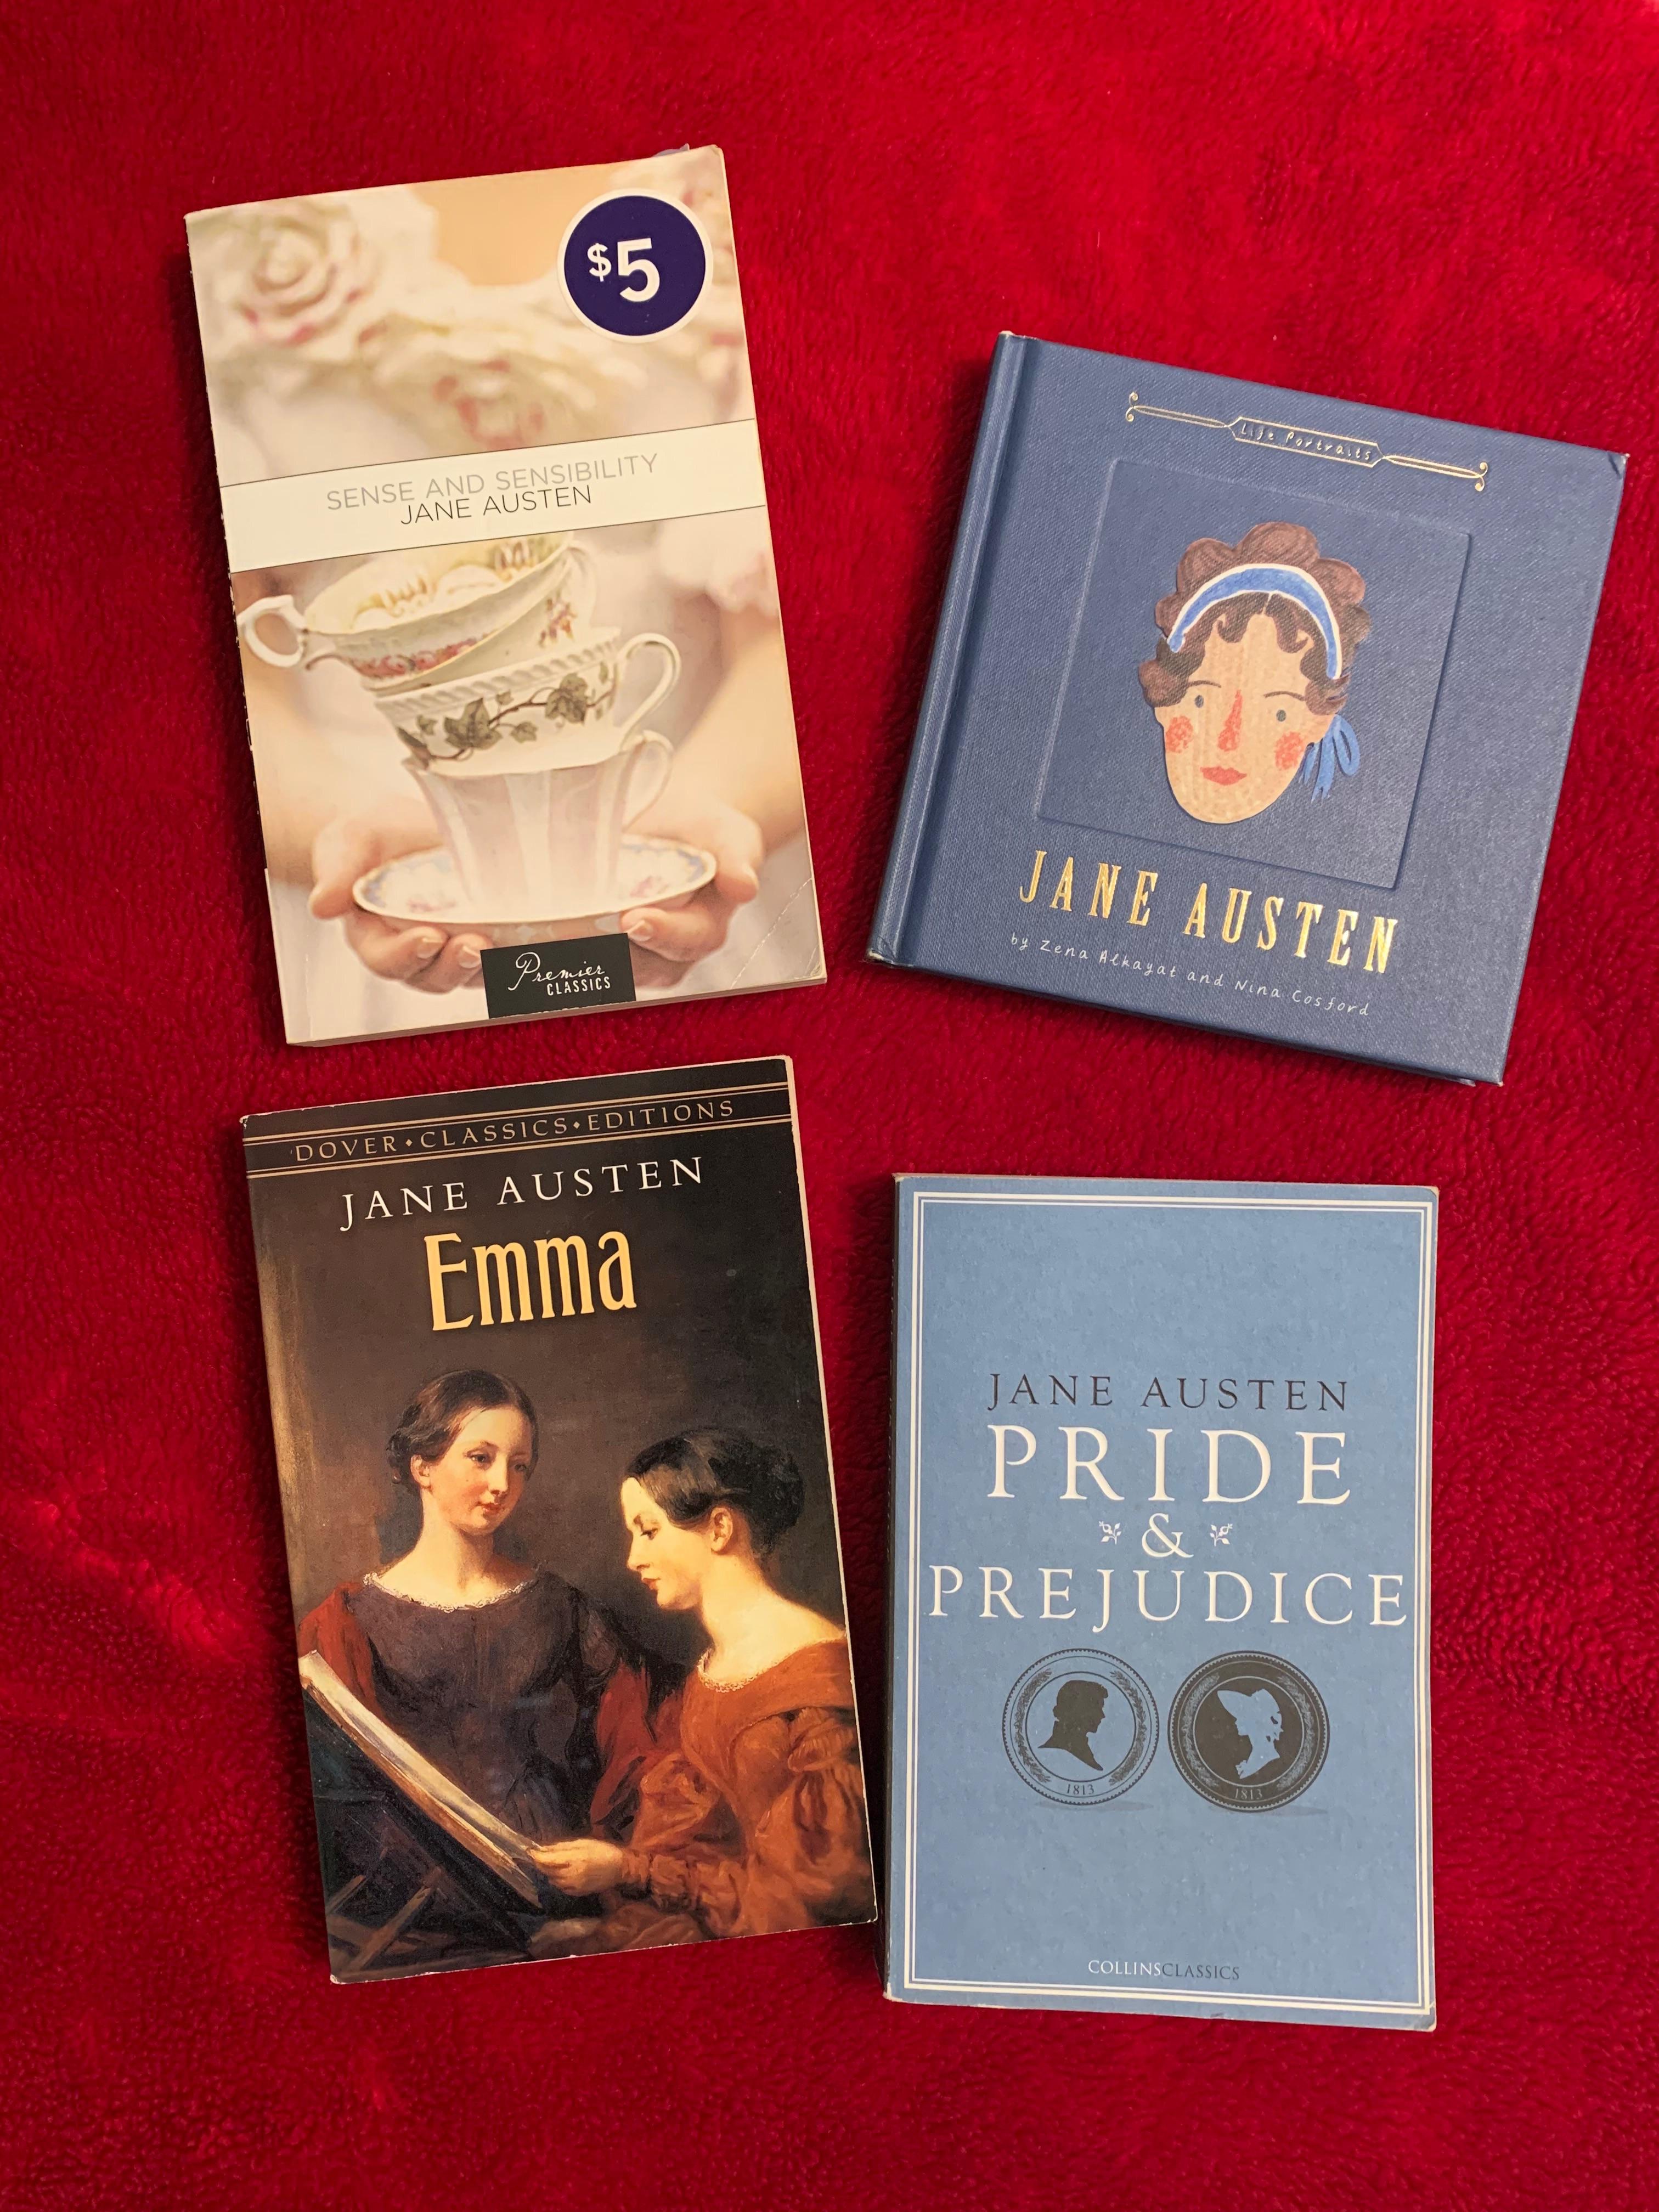 My Jane Austen collection